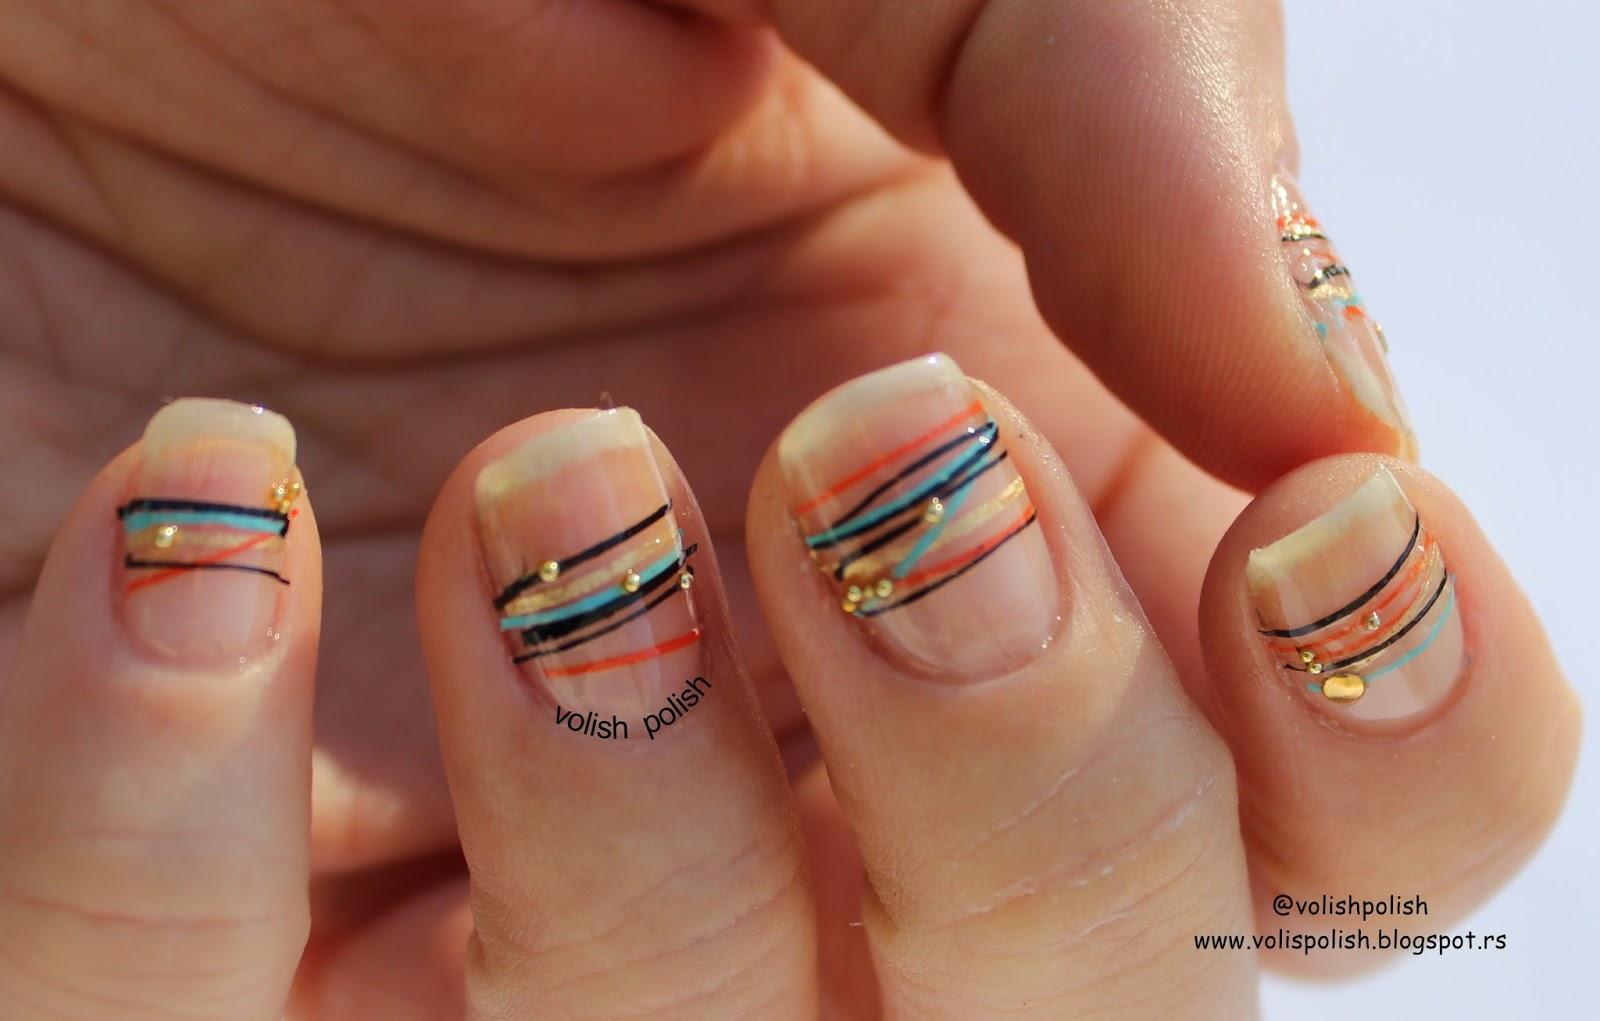 Short Nails Volishpolish